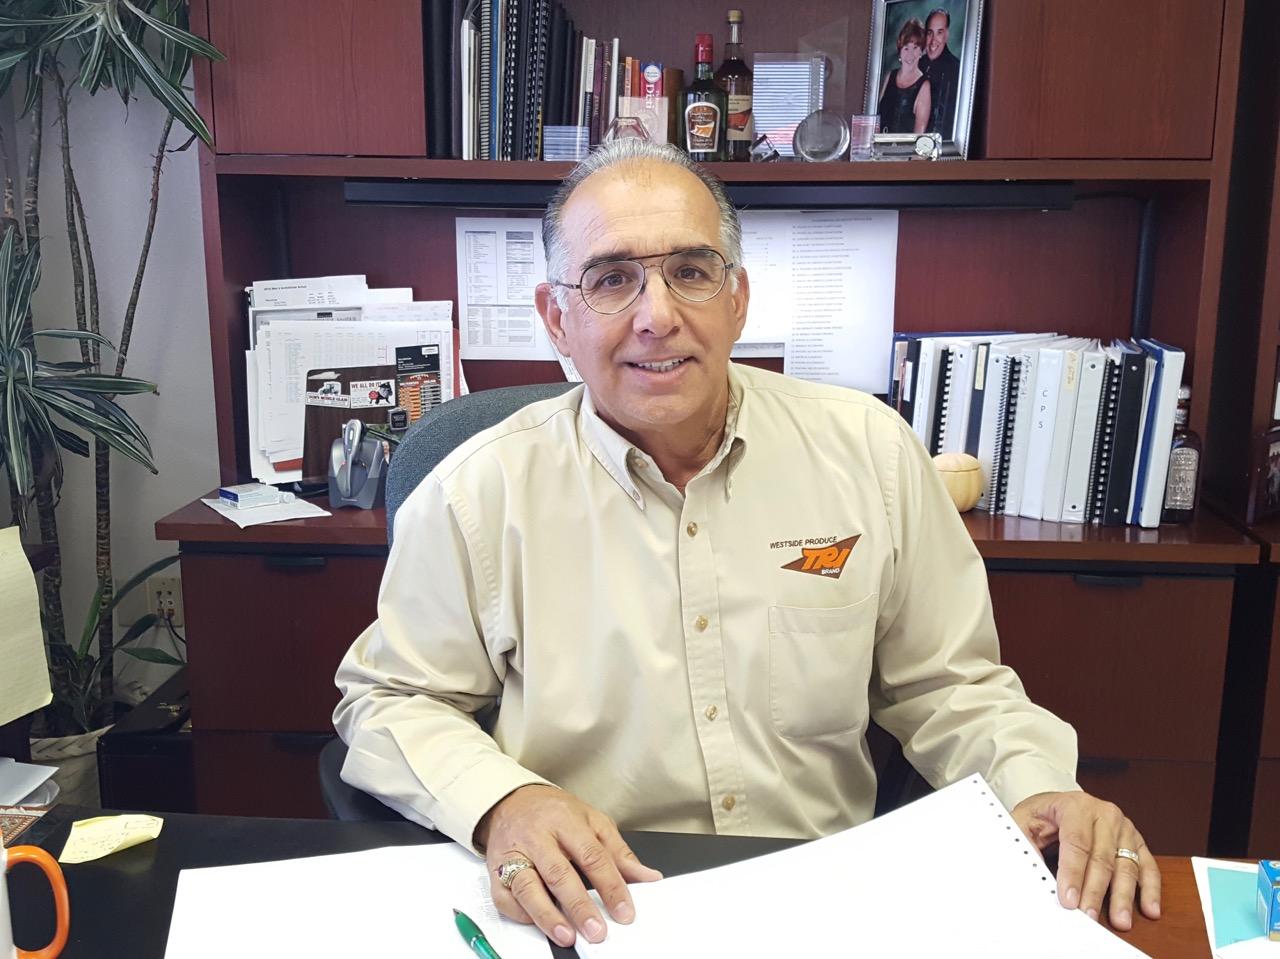 Steve Patricio